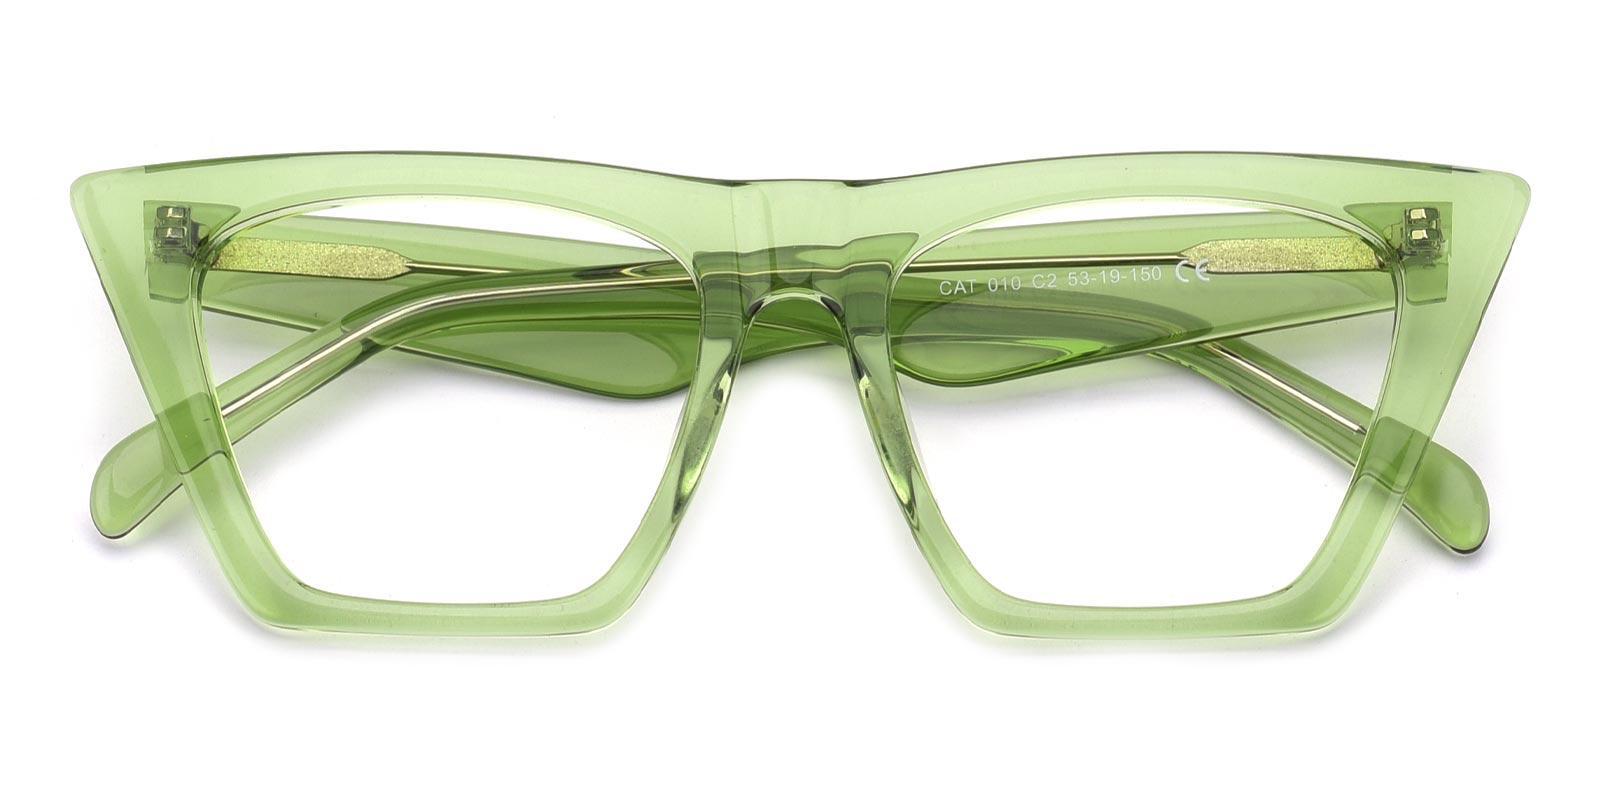 Alva-Green-Cat-Acetate-Eyeglasses-detail